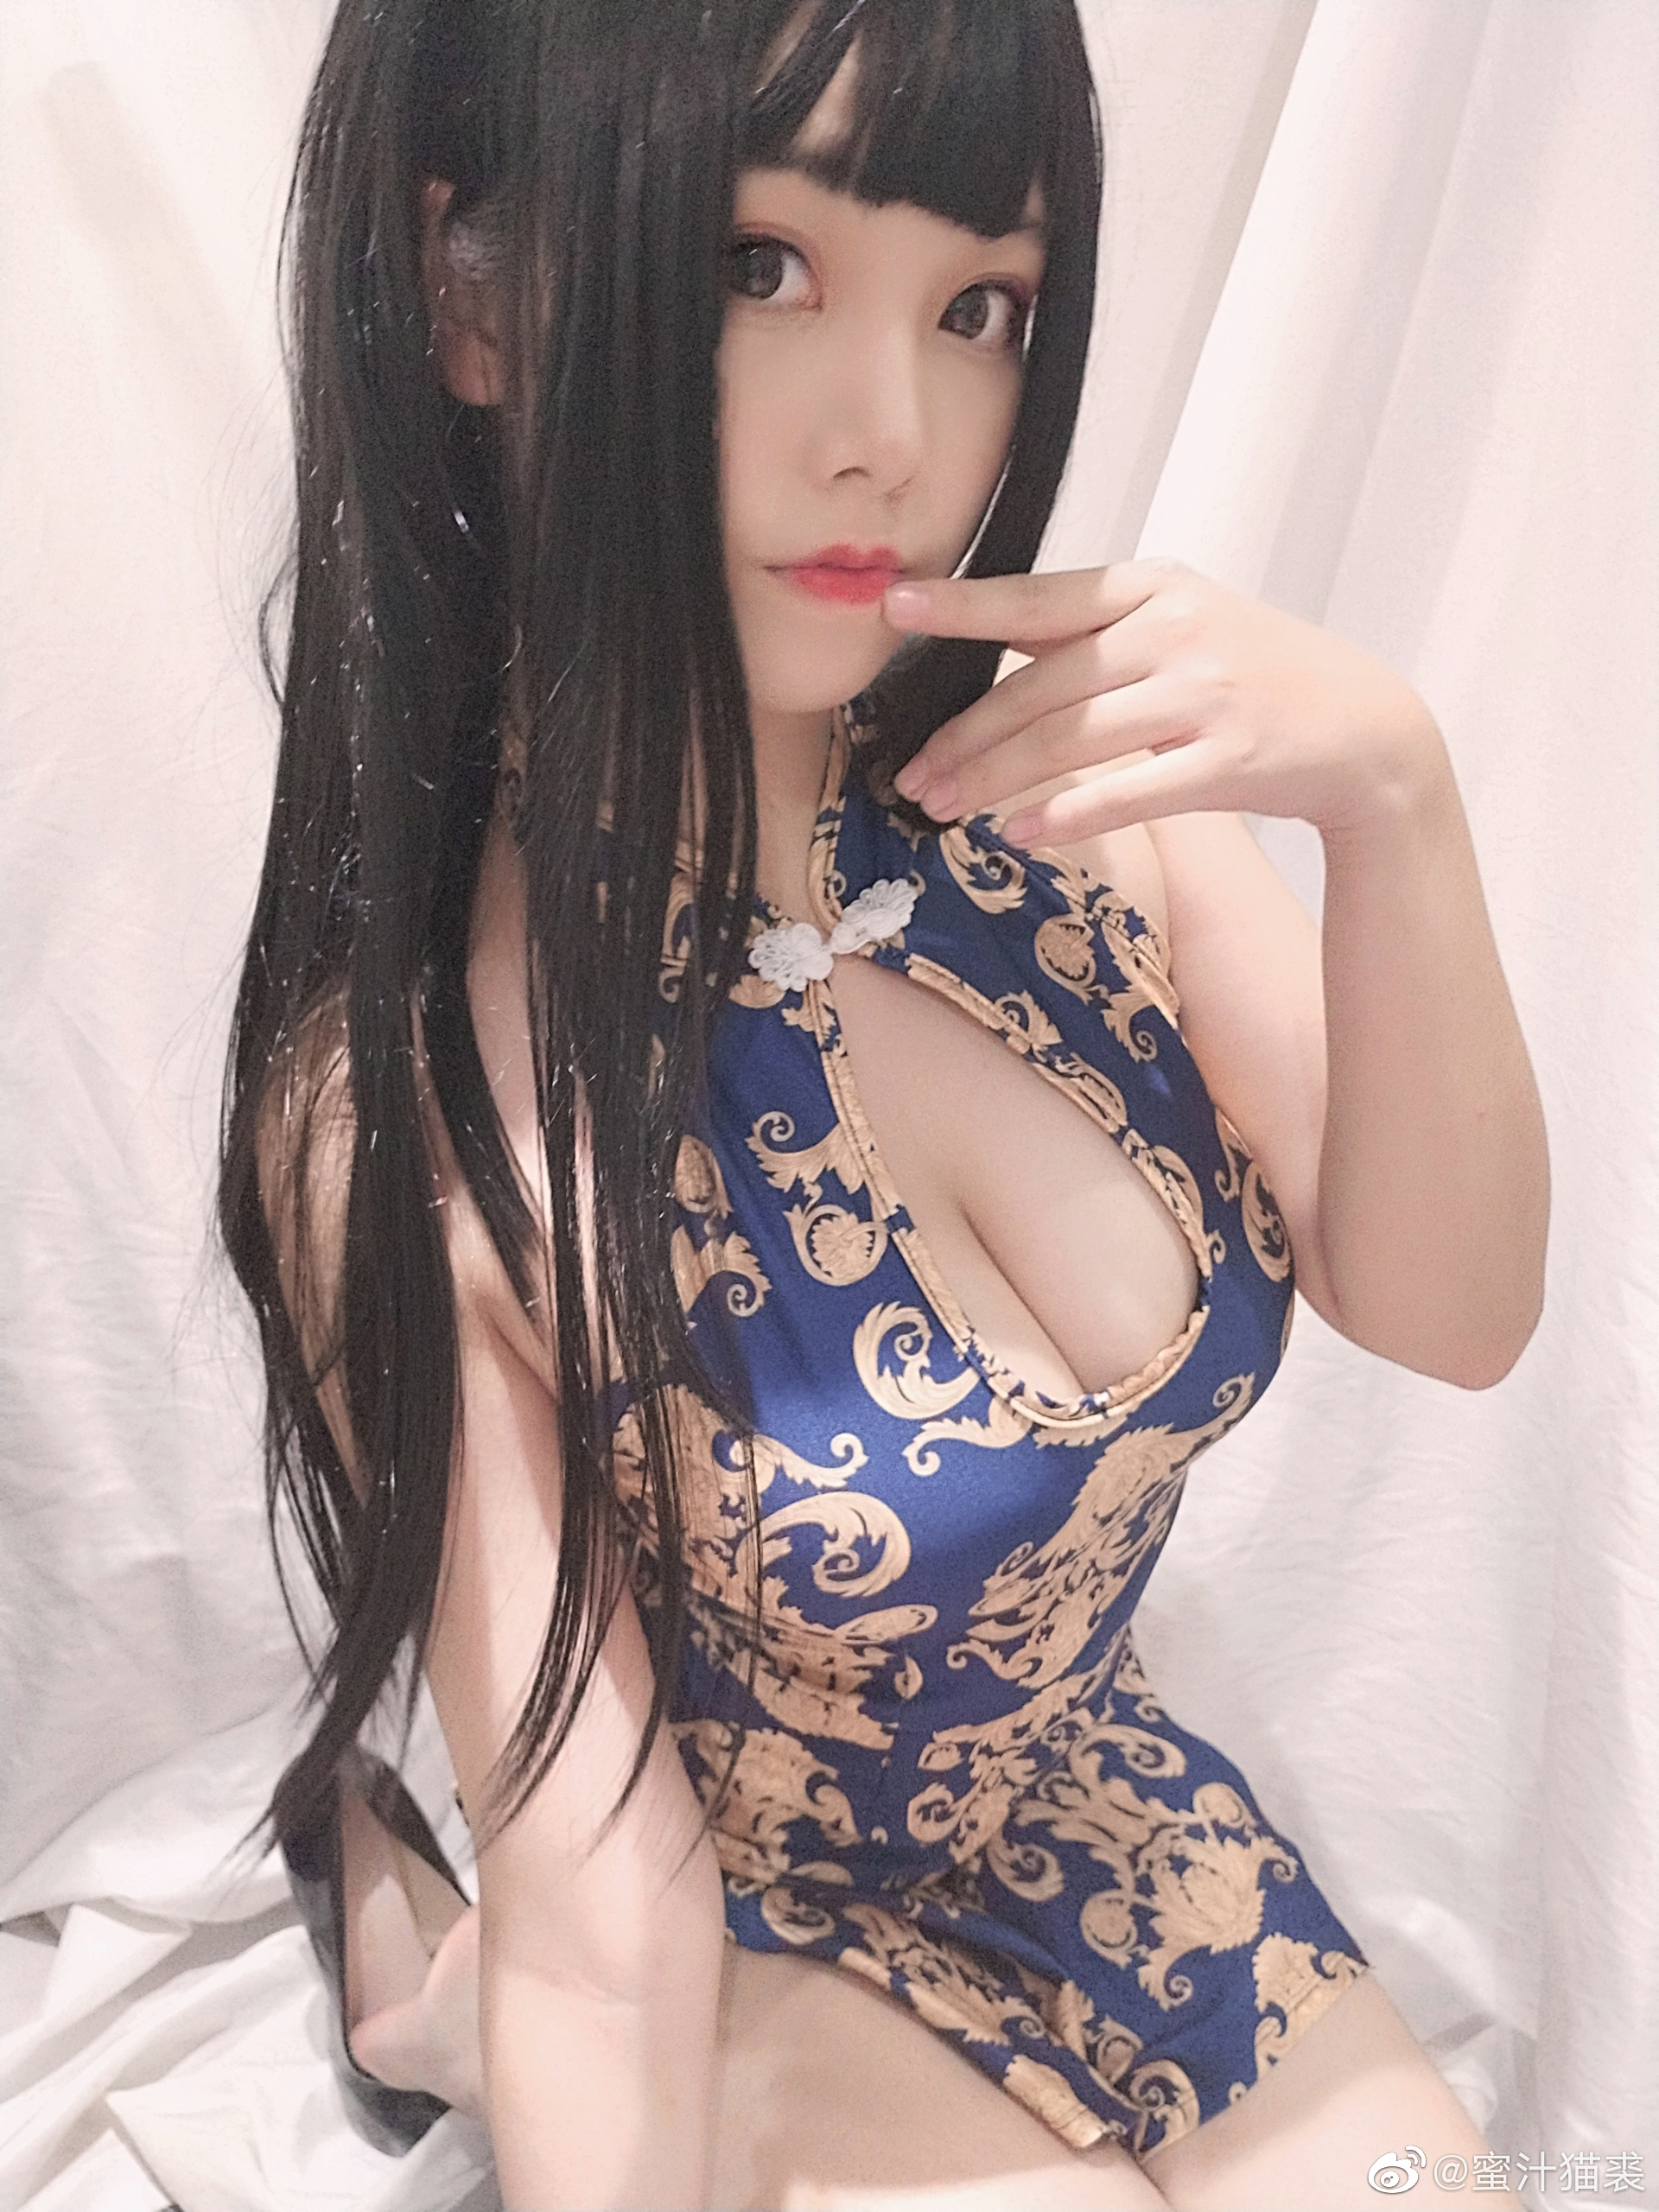 这旗袍,这身材比例,想社保啊!